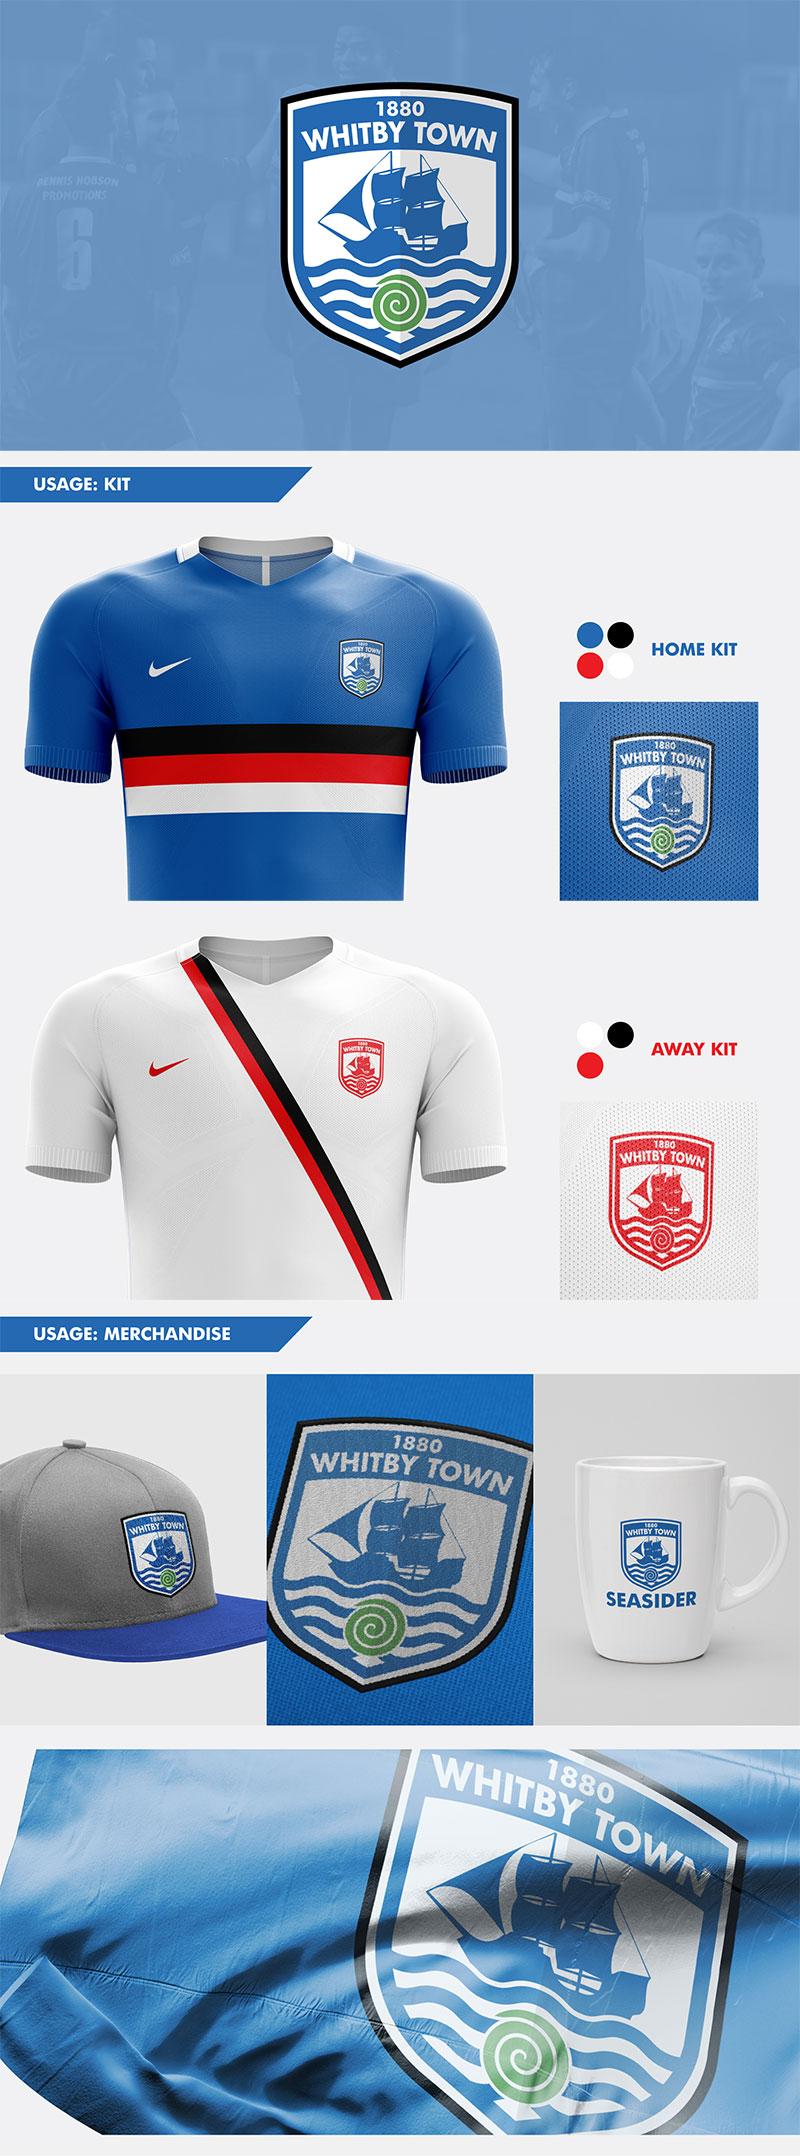 Diseños de marca de clubes de fútbol: concepto de rediseño del Whitby Town FC por Nick Budrewicz